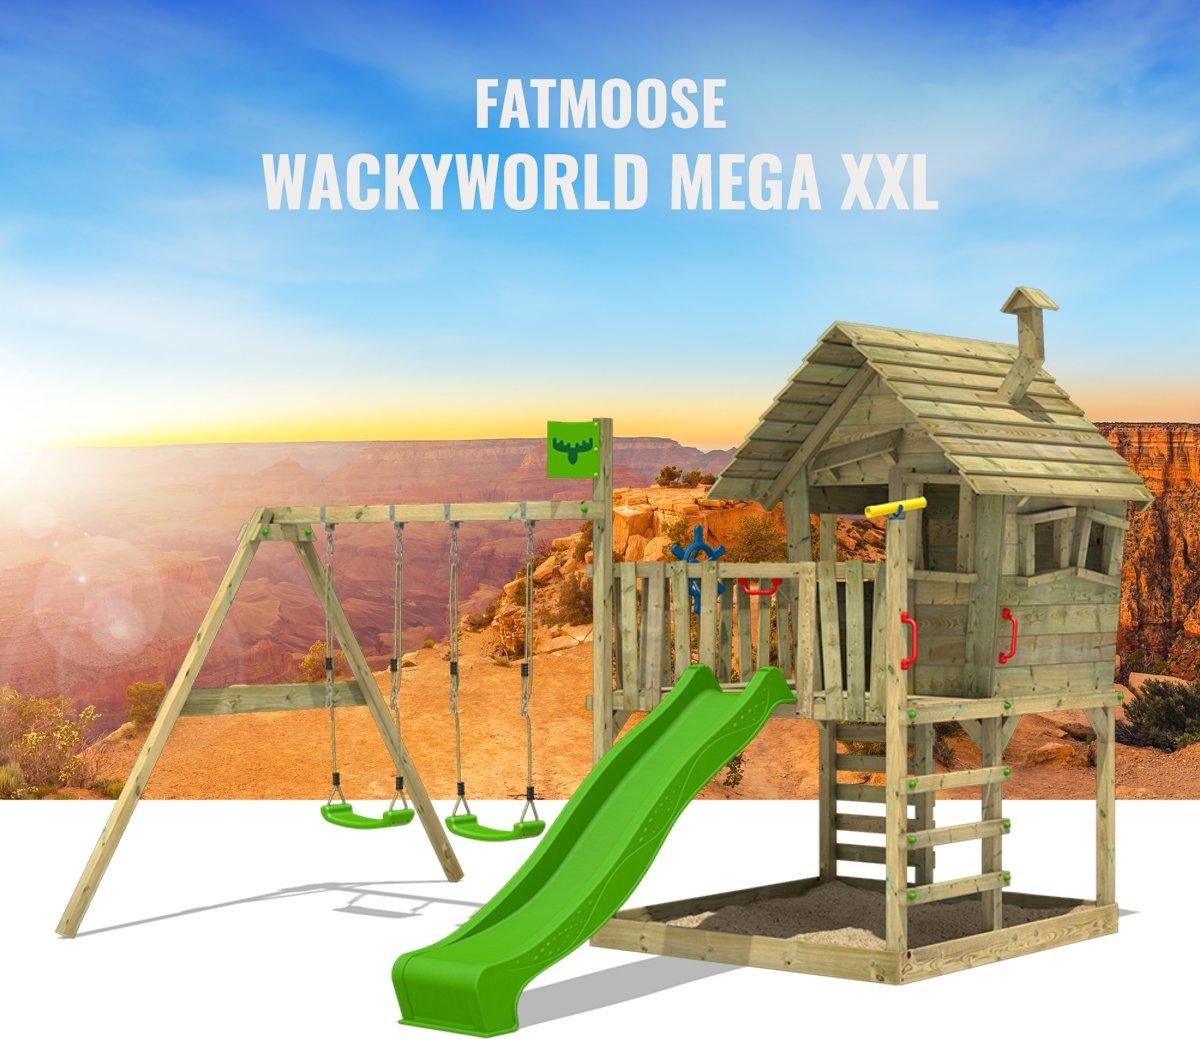 FATMOOSE WackyWorld Mega XXL - Speeltoestel met twee Schommels en Glijbaan